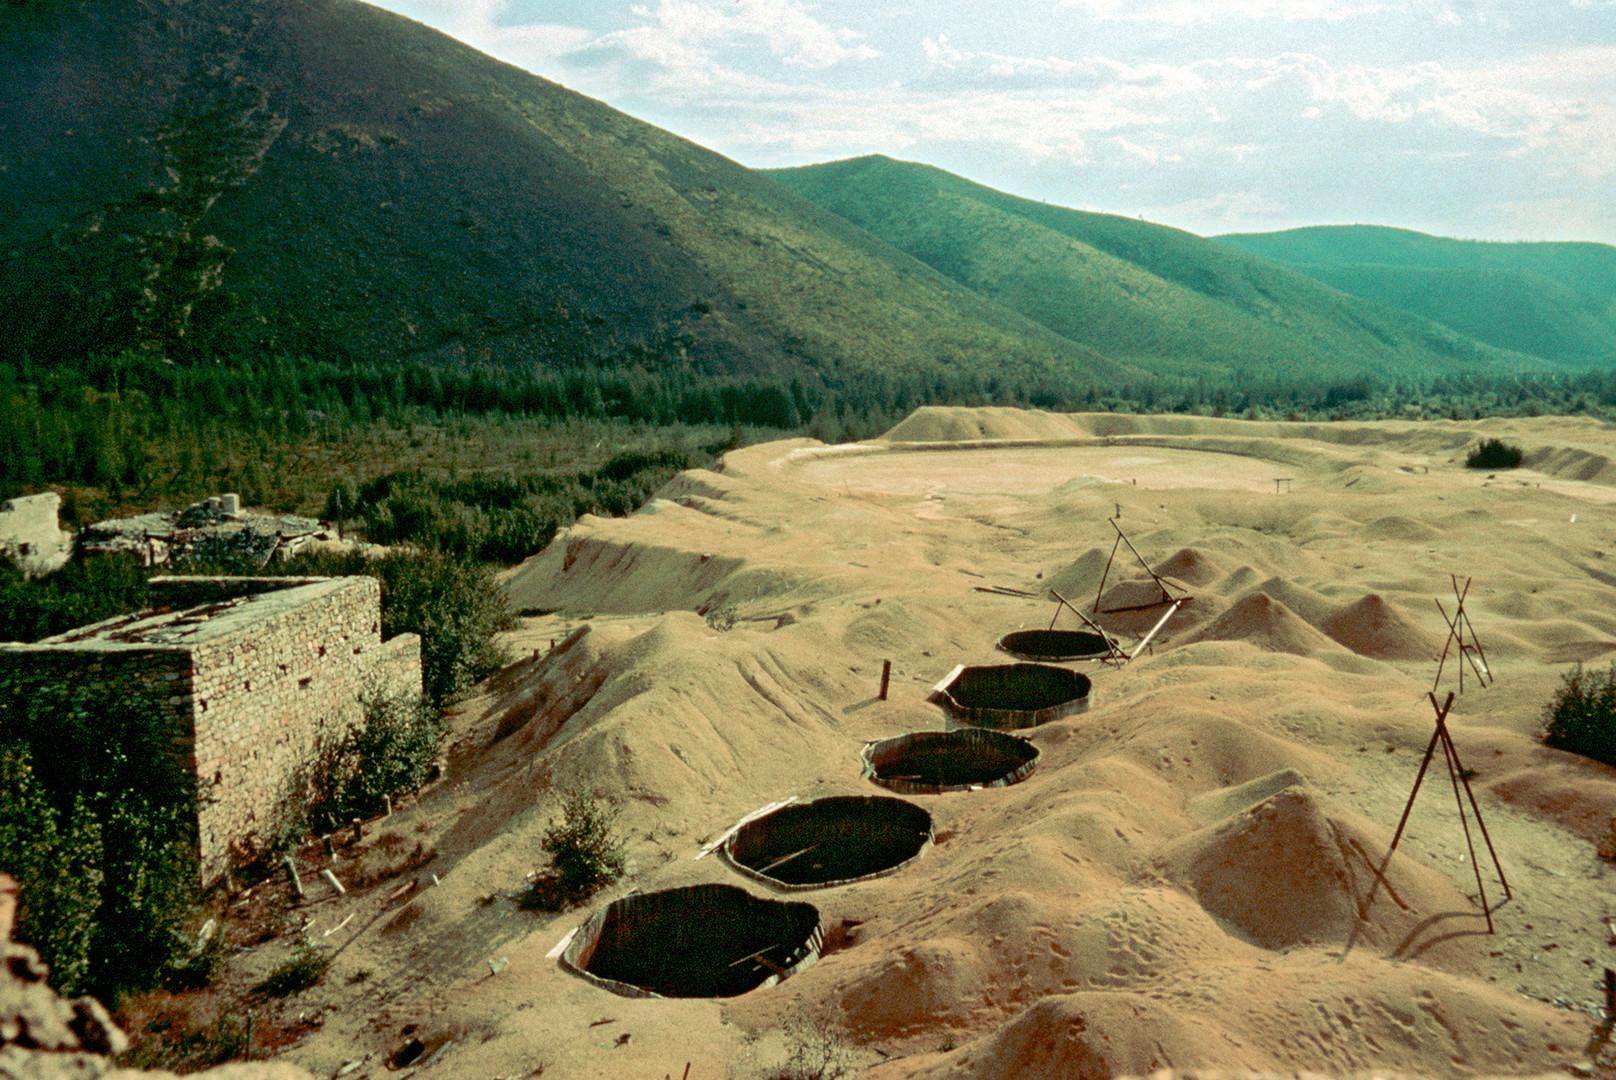 V kolimskem taborišču Butugičak je veliko zapornikov umiralo pri pridobivanju kositra in urana v nekdanji lokalni tovarni za bogatenje urana, saj niso imeli nobene zaščitne opreme.